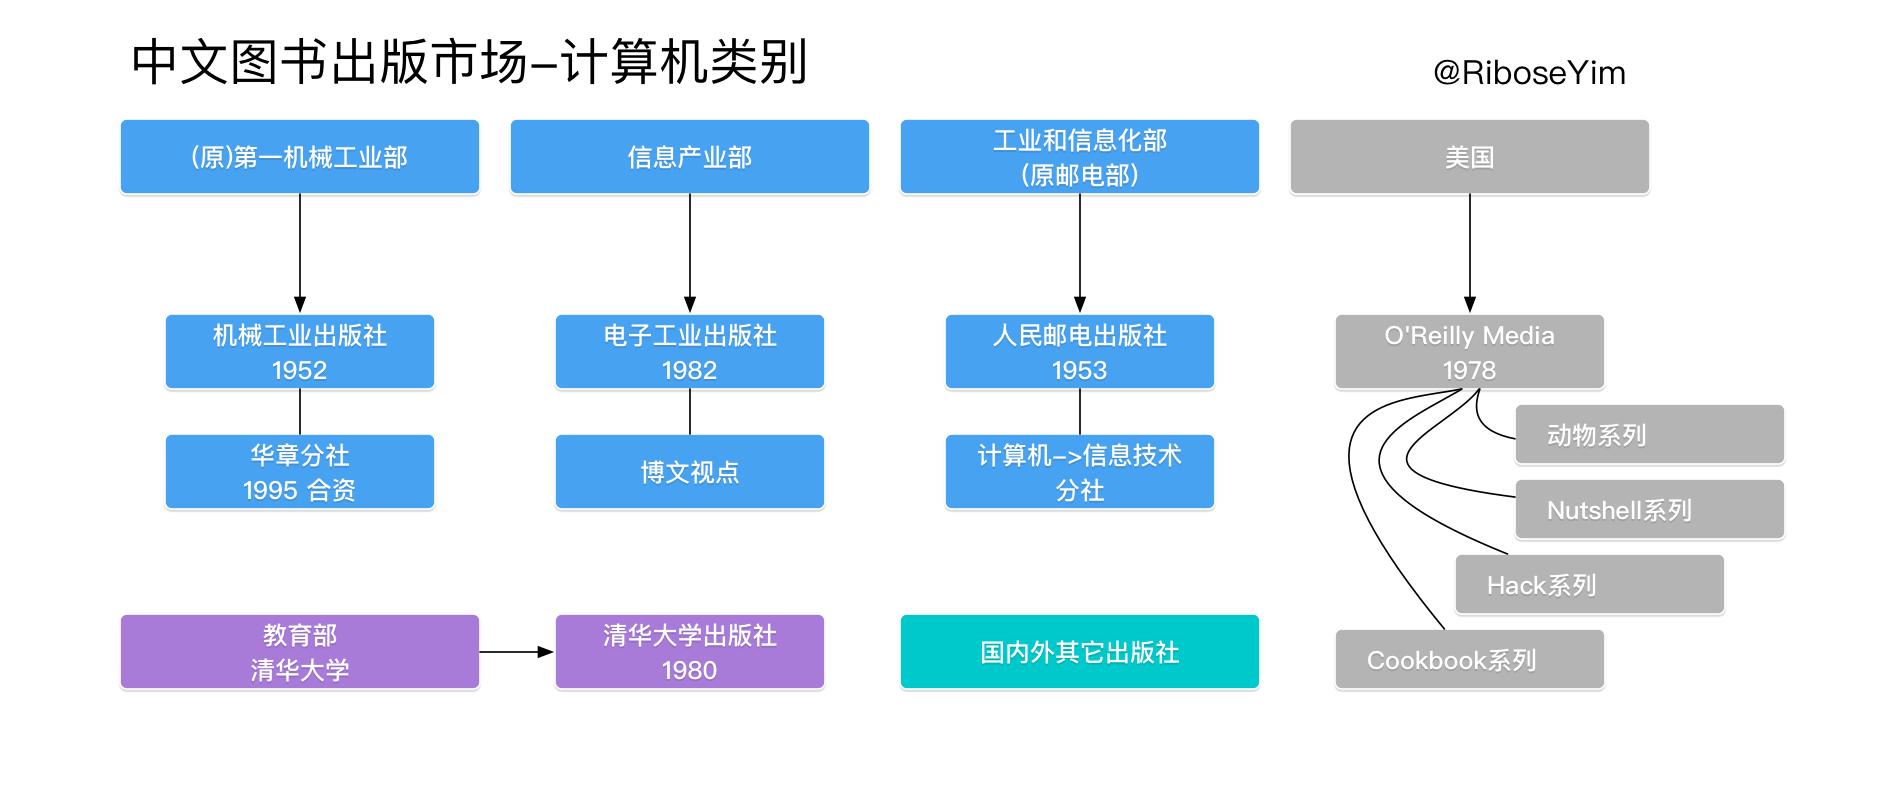 中文图书出版市场-计算机类别